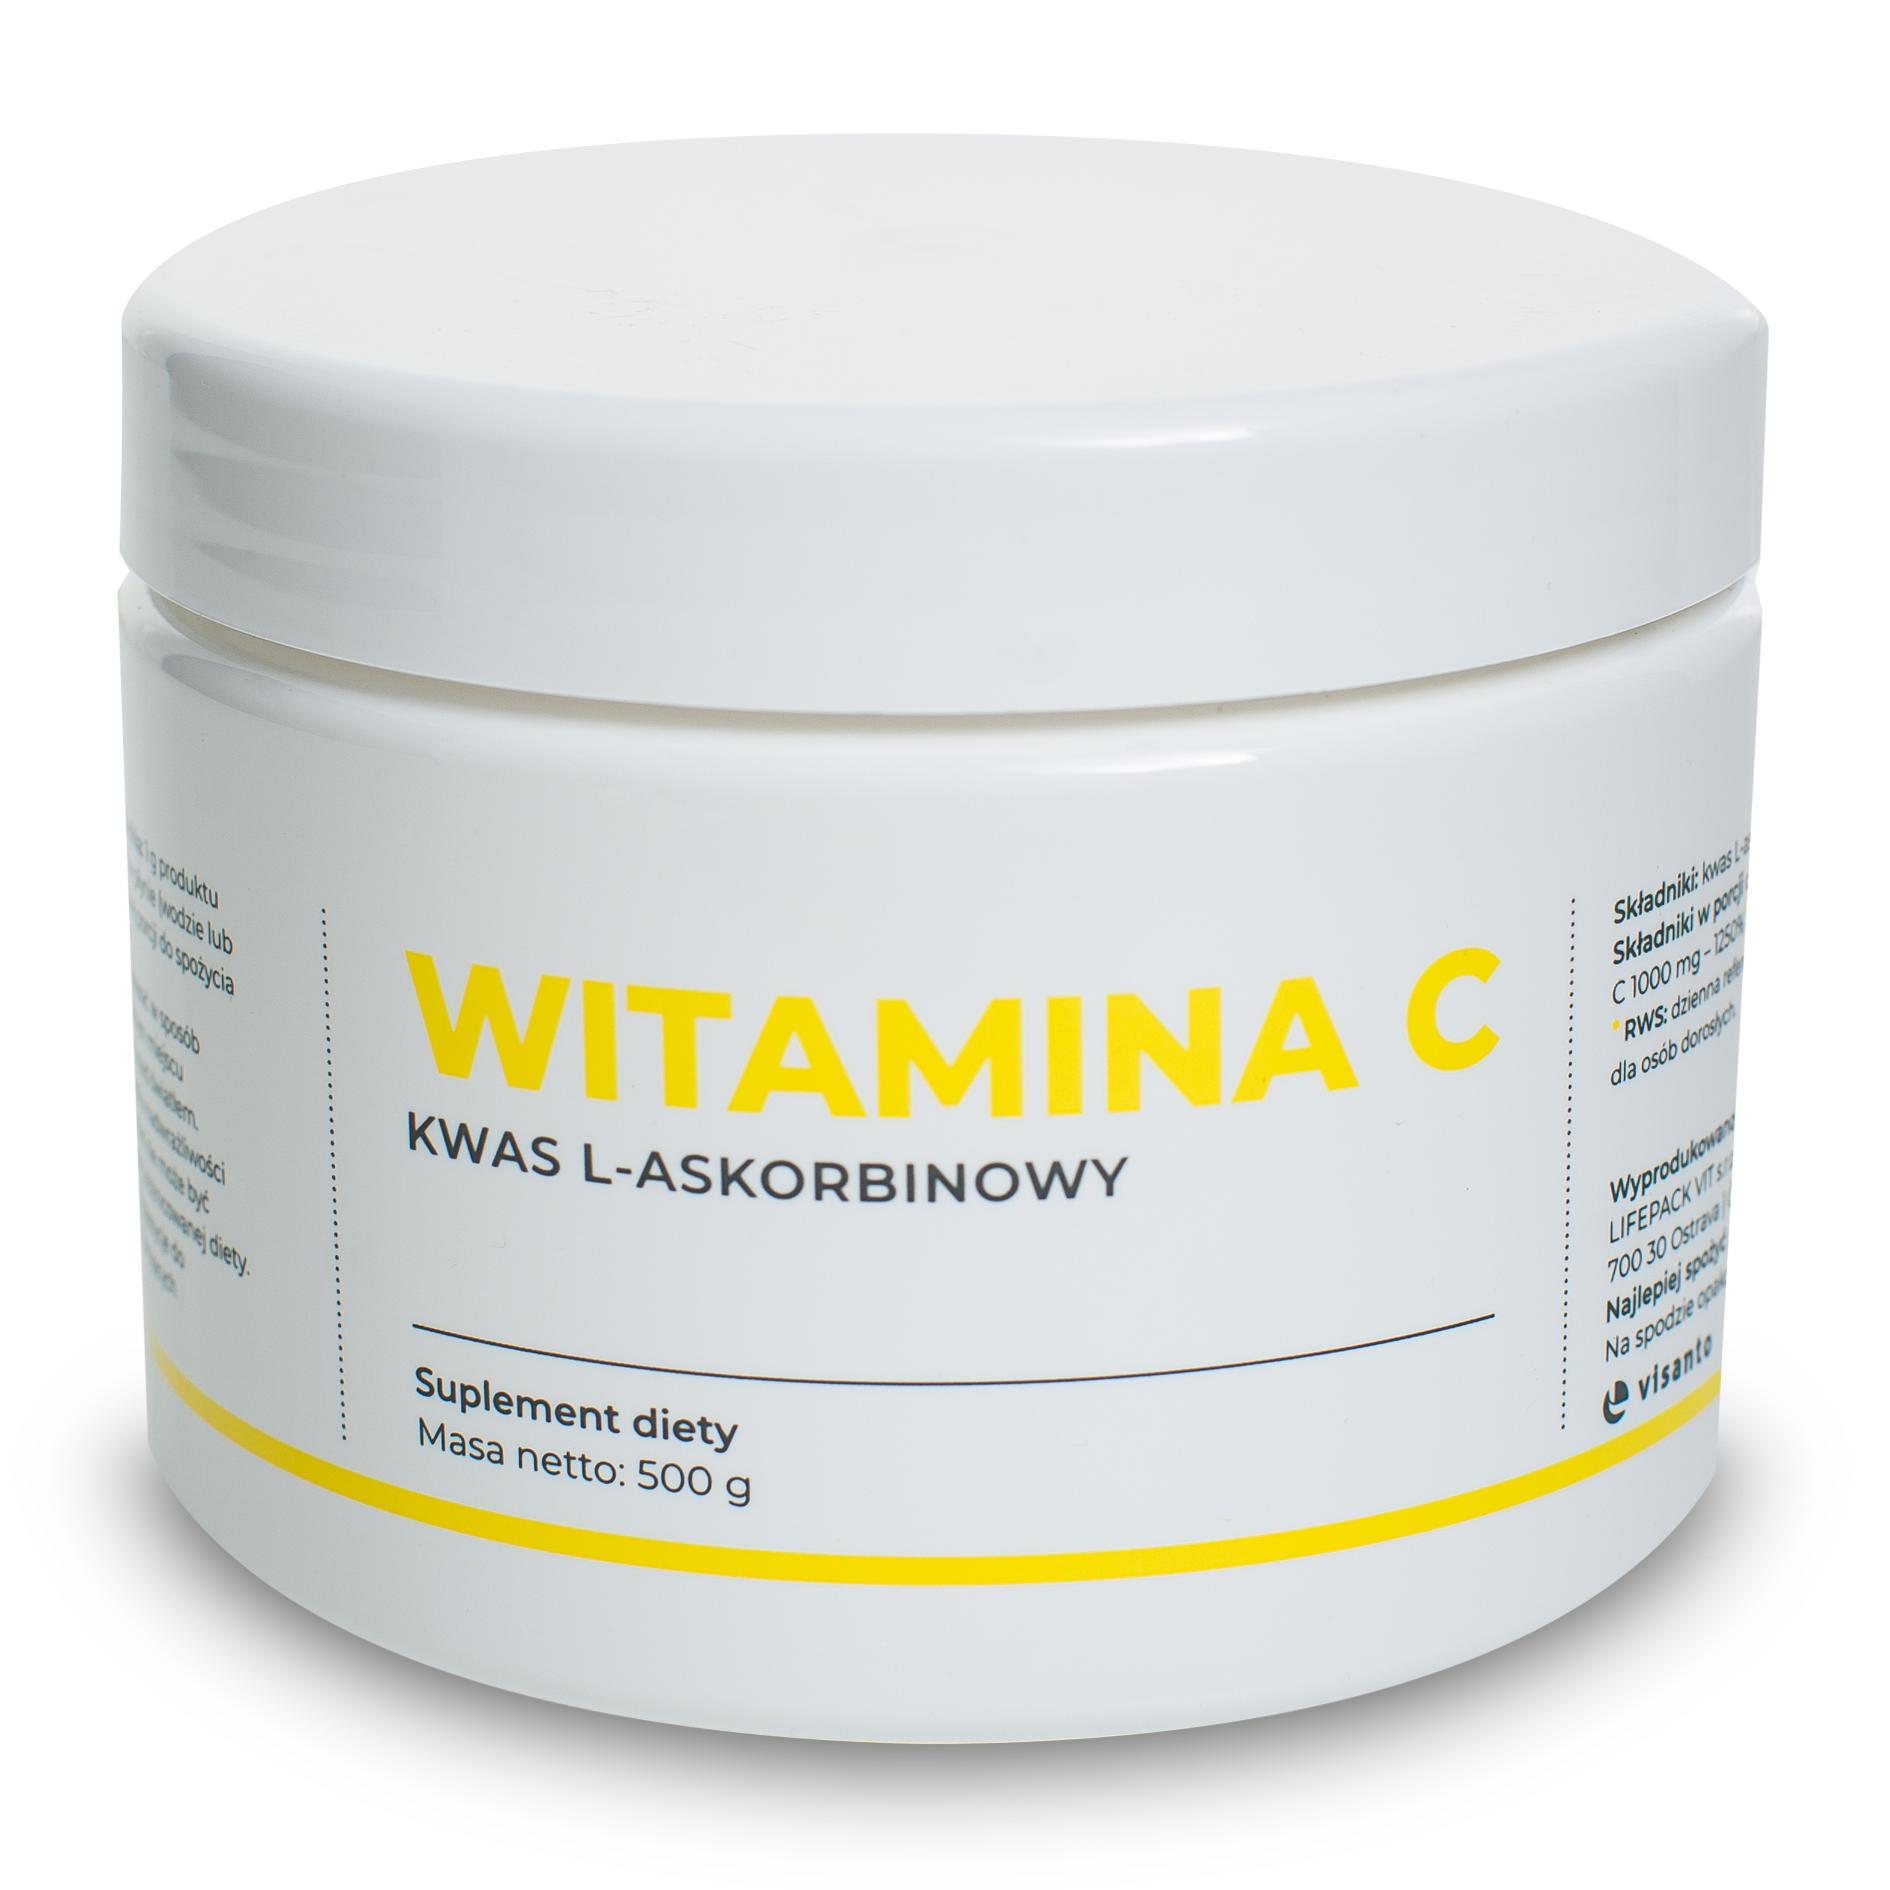 Ukryte terapie WITAMINA C 100% L-KWAS ASKORBINOWY 500G